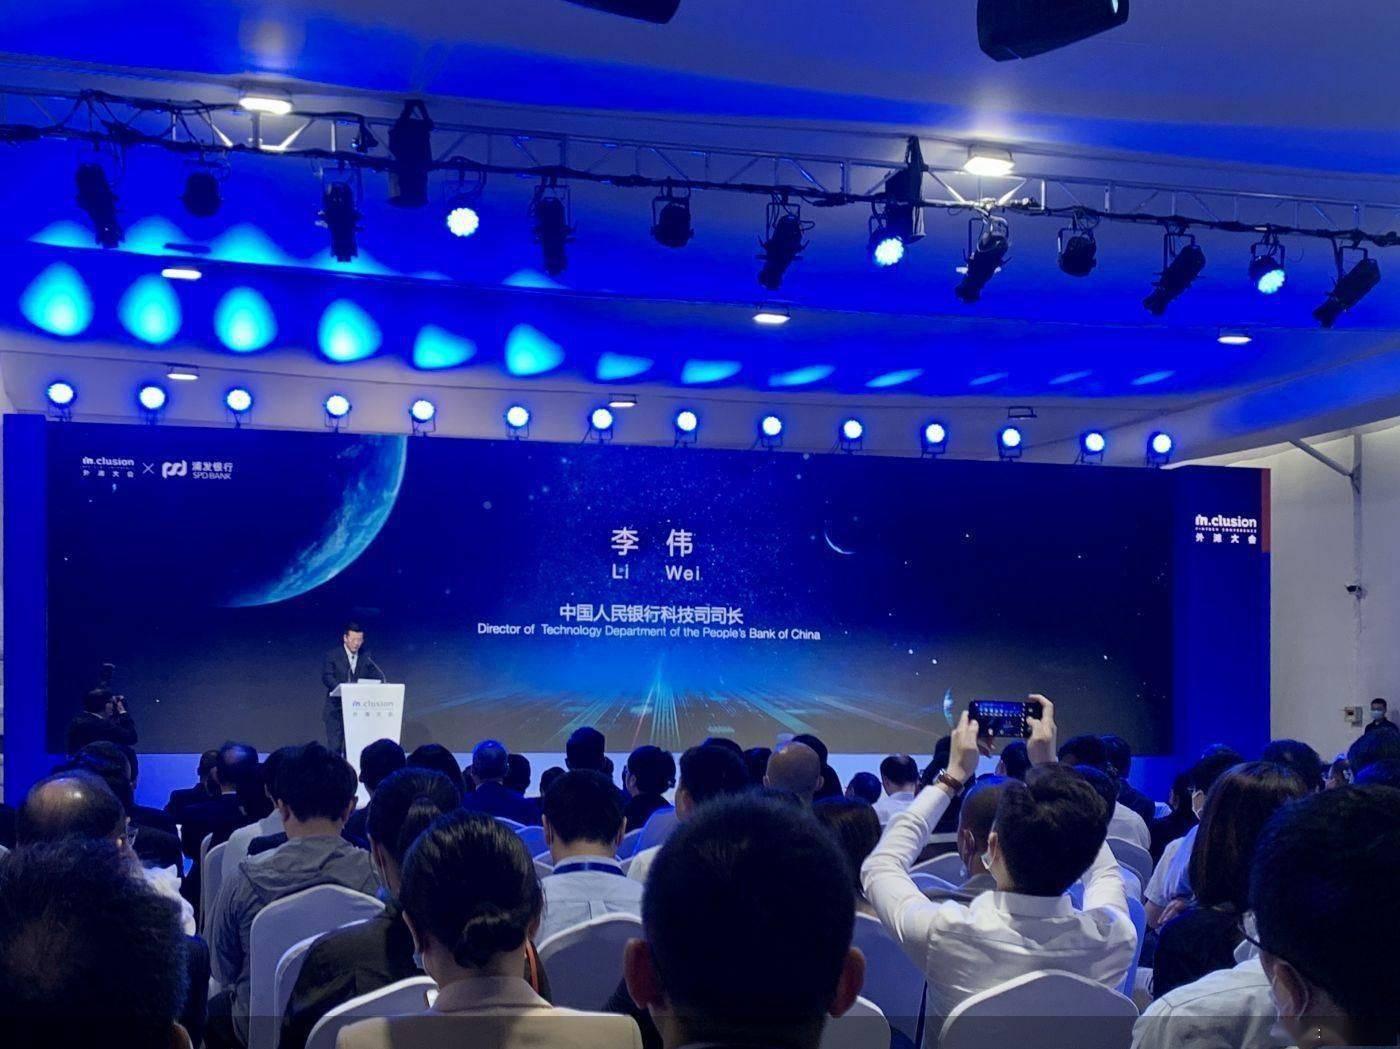 央行科技司司长李伟谈开放银行:秉持最小够用、用而不存原则使用数据要素